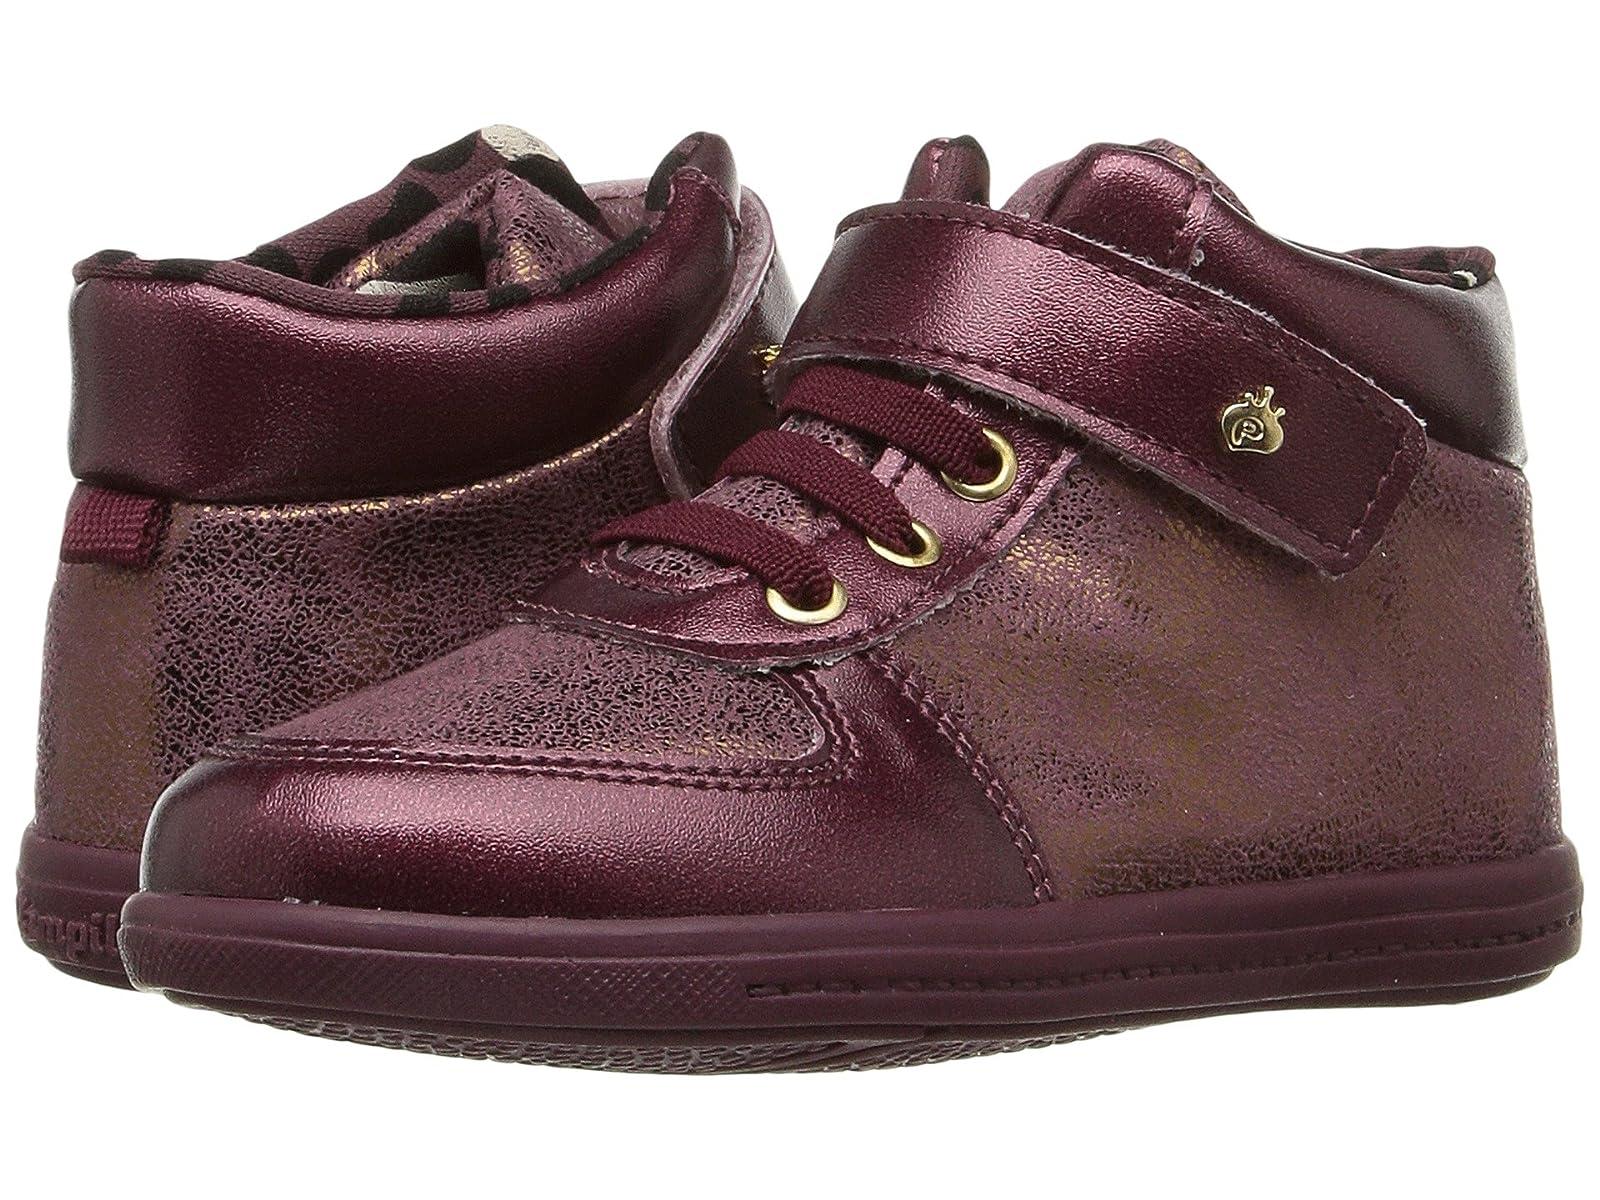 Pampili Sneaker Sneaker Pampili Bebe 402.069 (Toddler/Little Kid) 7b2f18